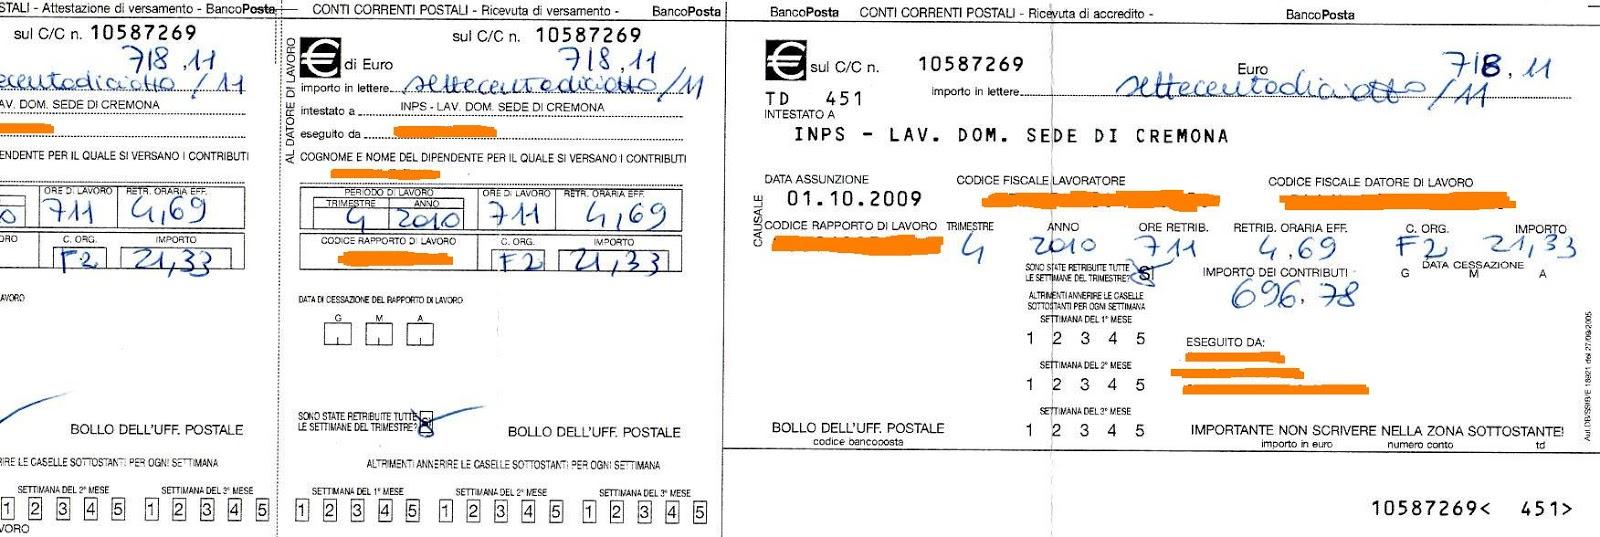 contratto badanti: dicembre 2010